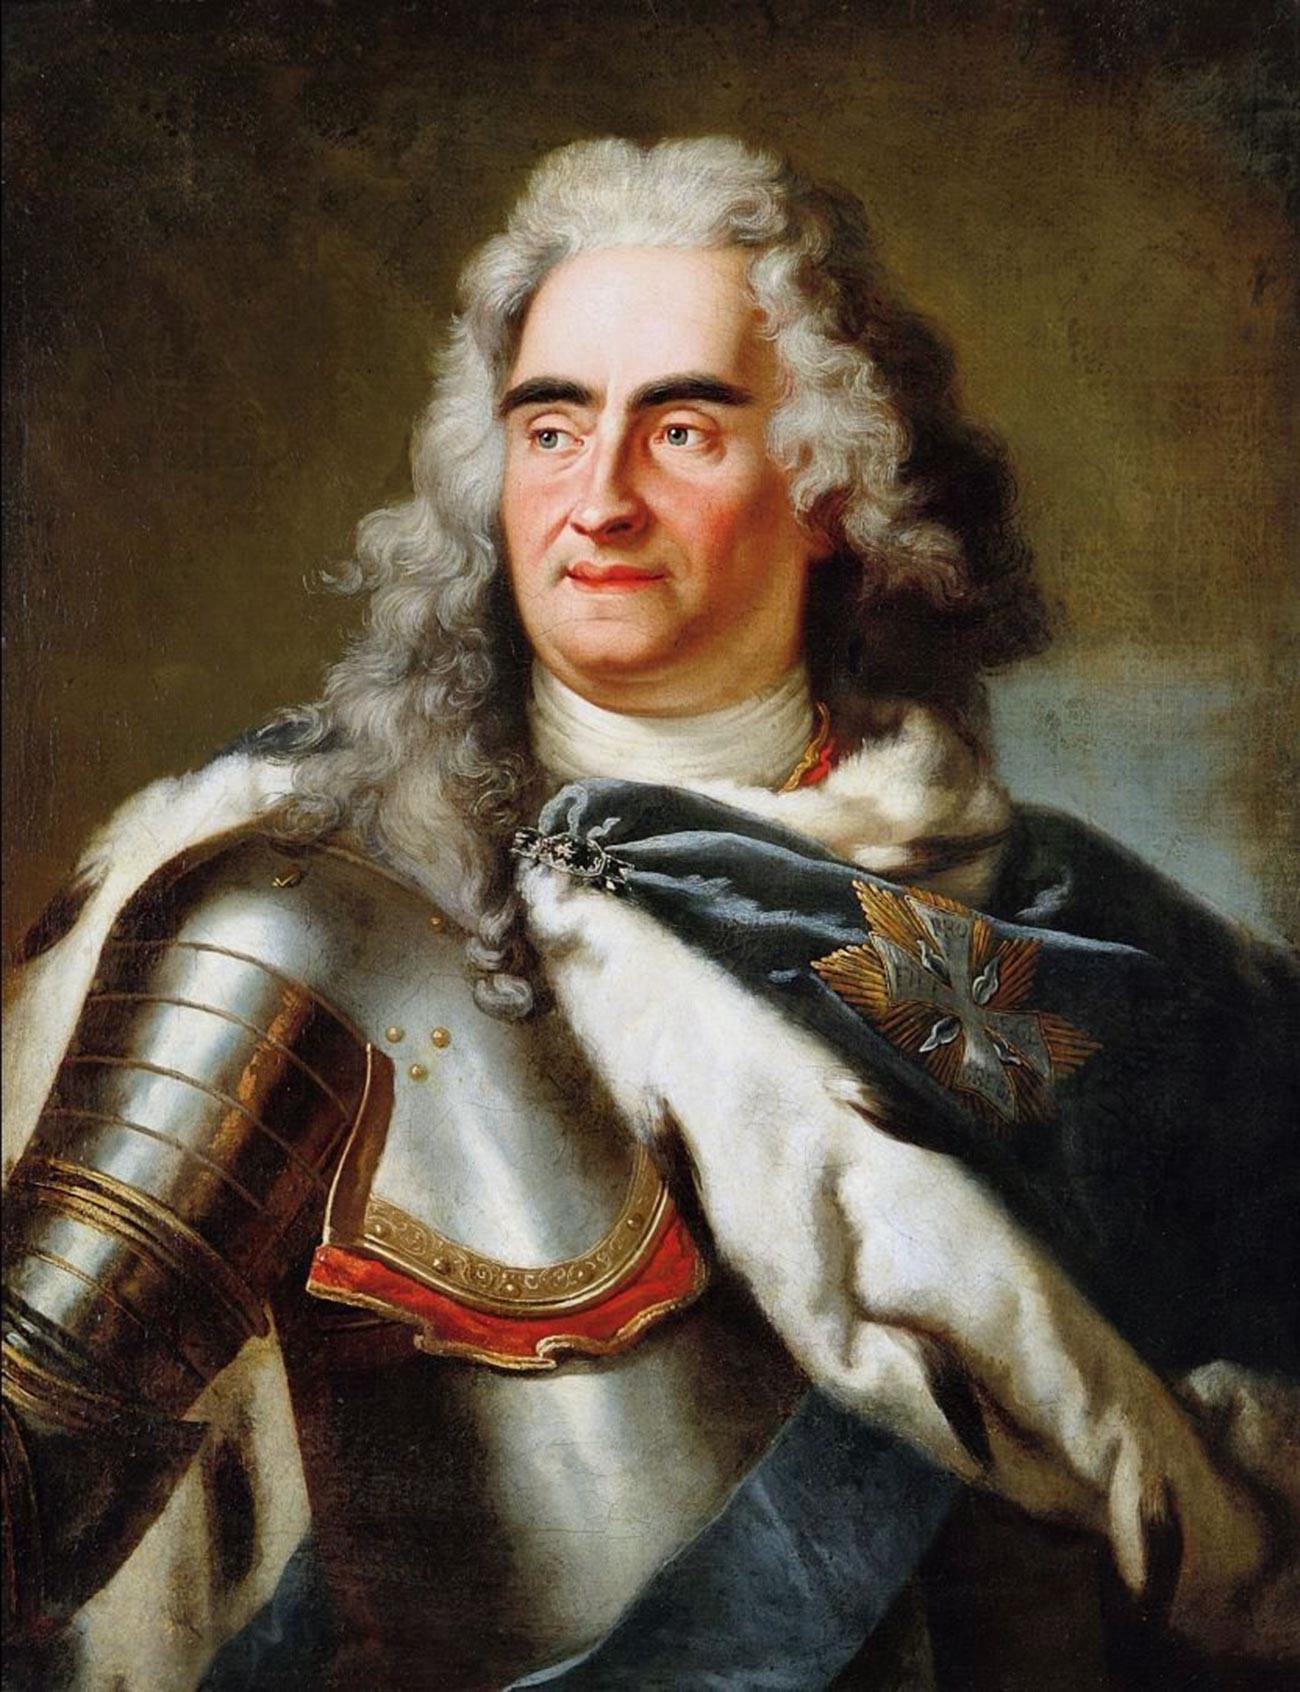 Август II Сильный.